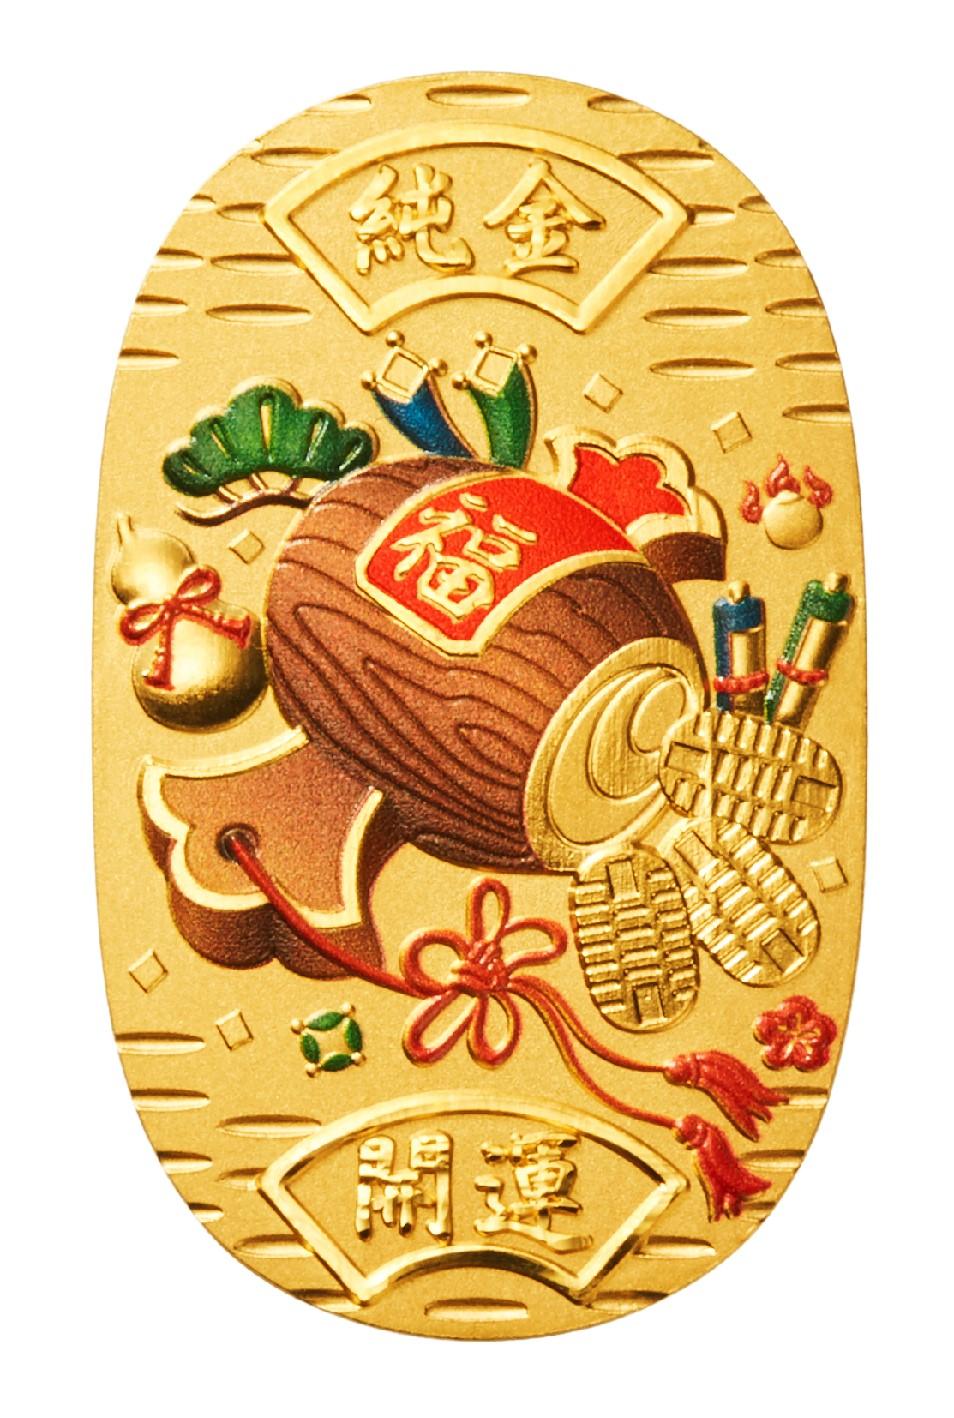 ギンザタナカより、純金小判に色鮮やかな彩色を施した新作が登場 新作「純金小判 宝小槌 20g」9/1より販売開始に